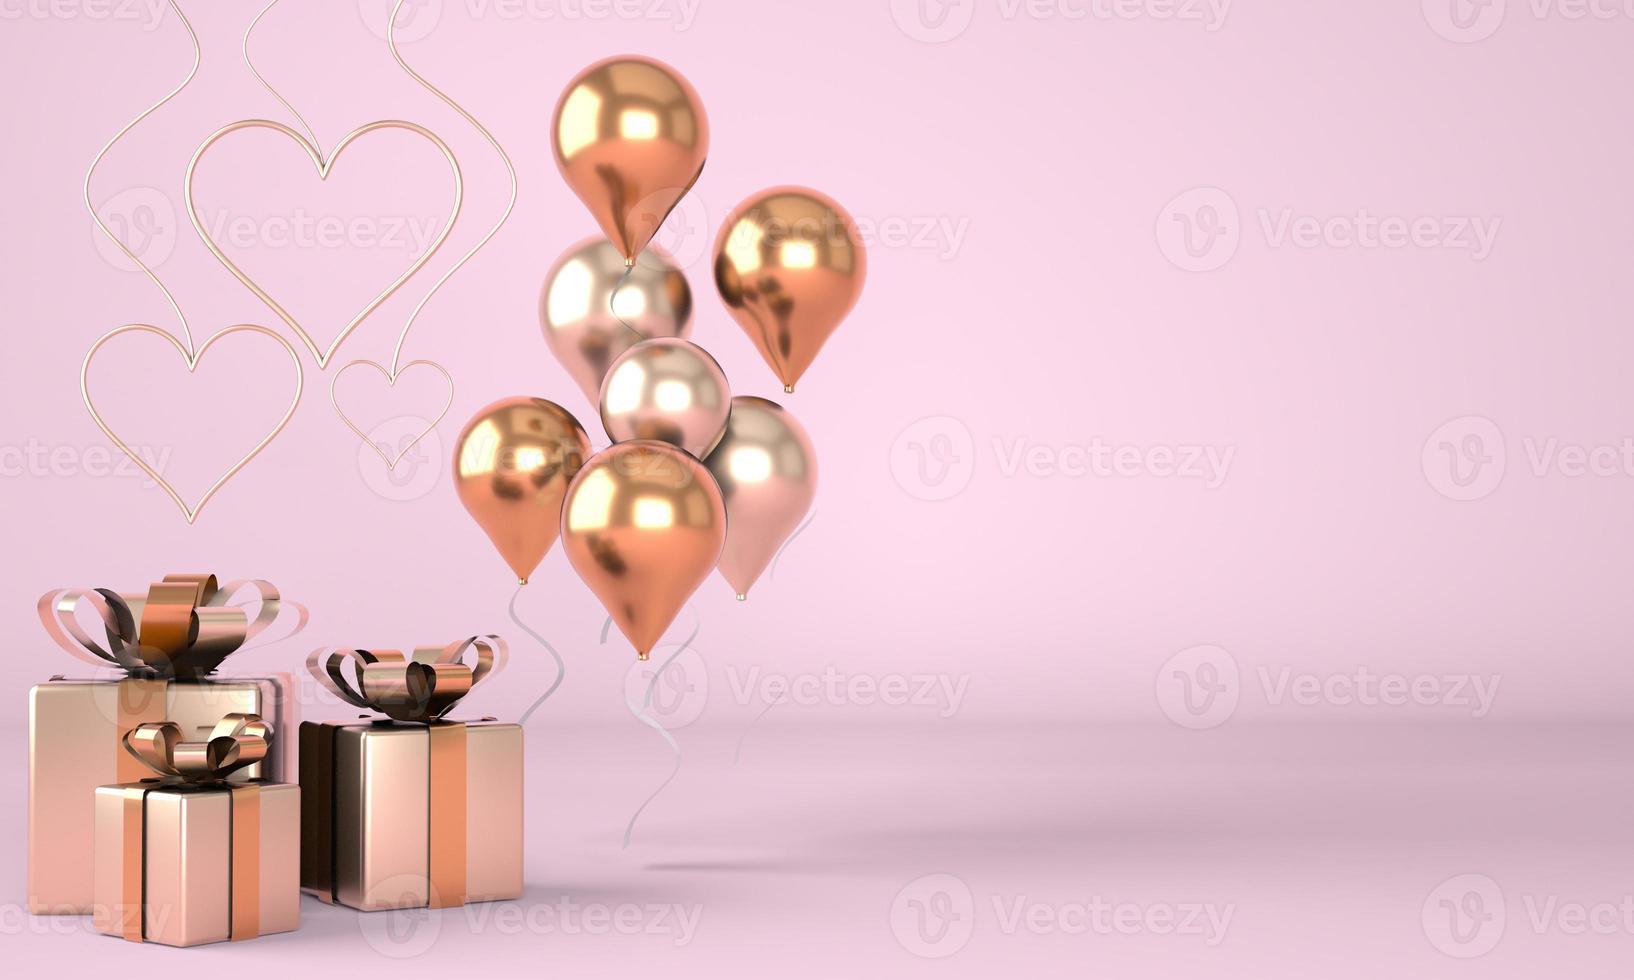 día de San Valentín. fondo con caja de regalos festivos realista. presente romántico. corazones de oro. 3d. foto